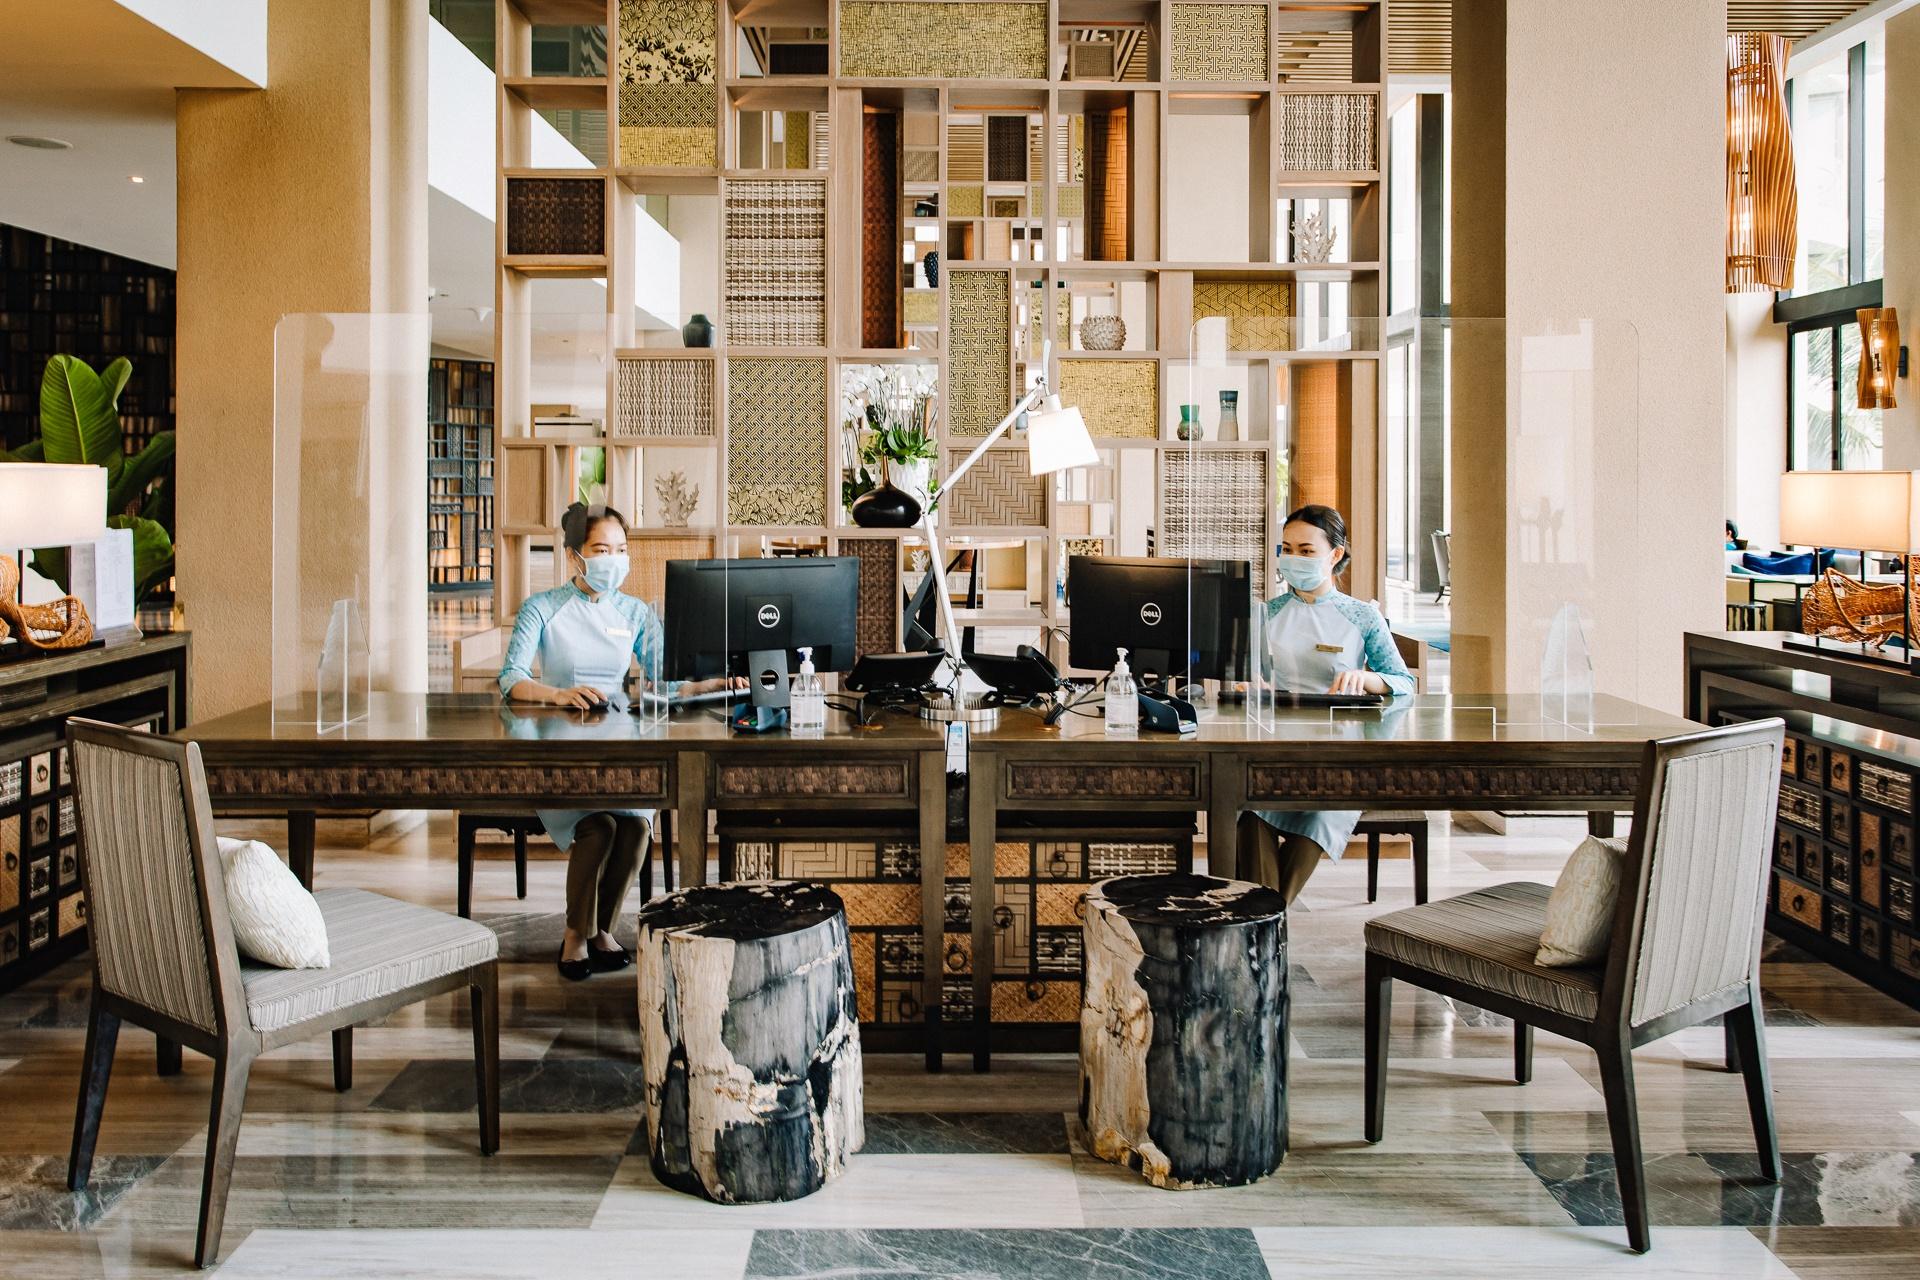 du lich Phu Quoc sau dich anh 2  - tiv3505 - Khu nghỉ dưỡng, công ty lữ hành tại Phú Quốc chờ ngày đón khách